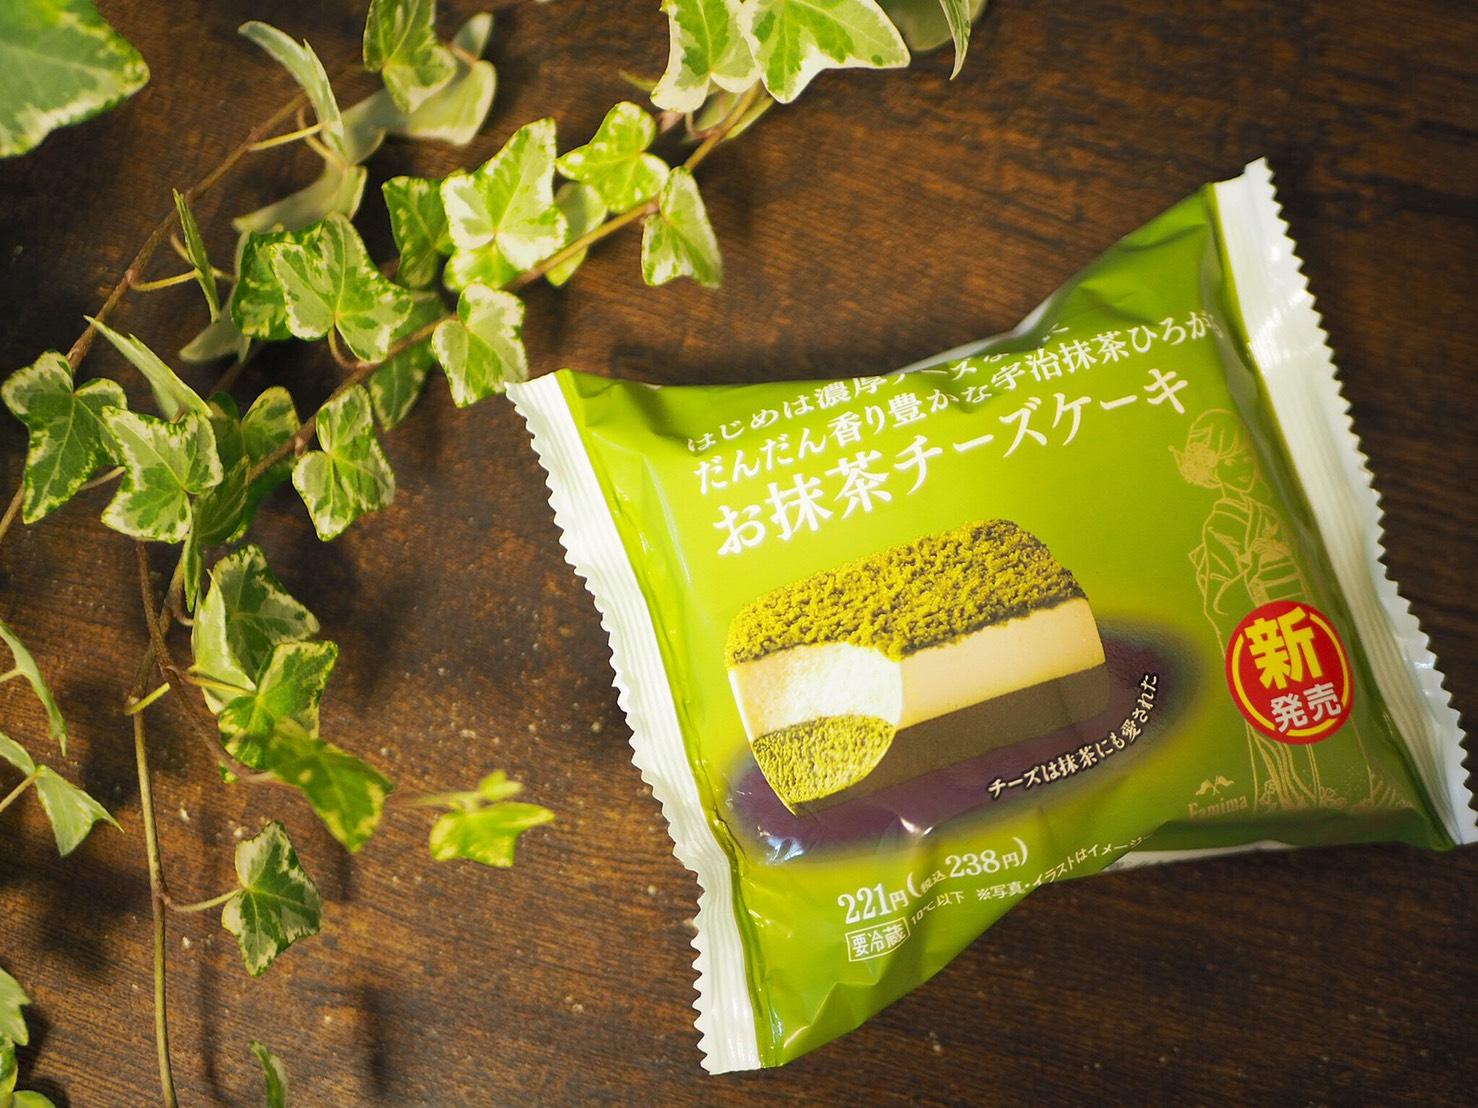 【おすすめ抹茶スイーツ】ファミマの新作抹茶スイーツ第3段!「お抹茶チーズケーキ」❃❃❃_1